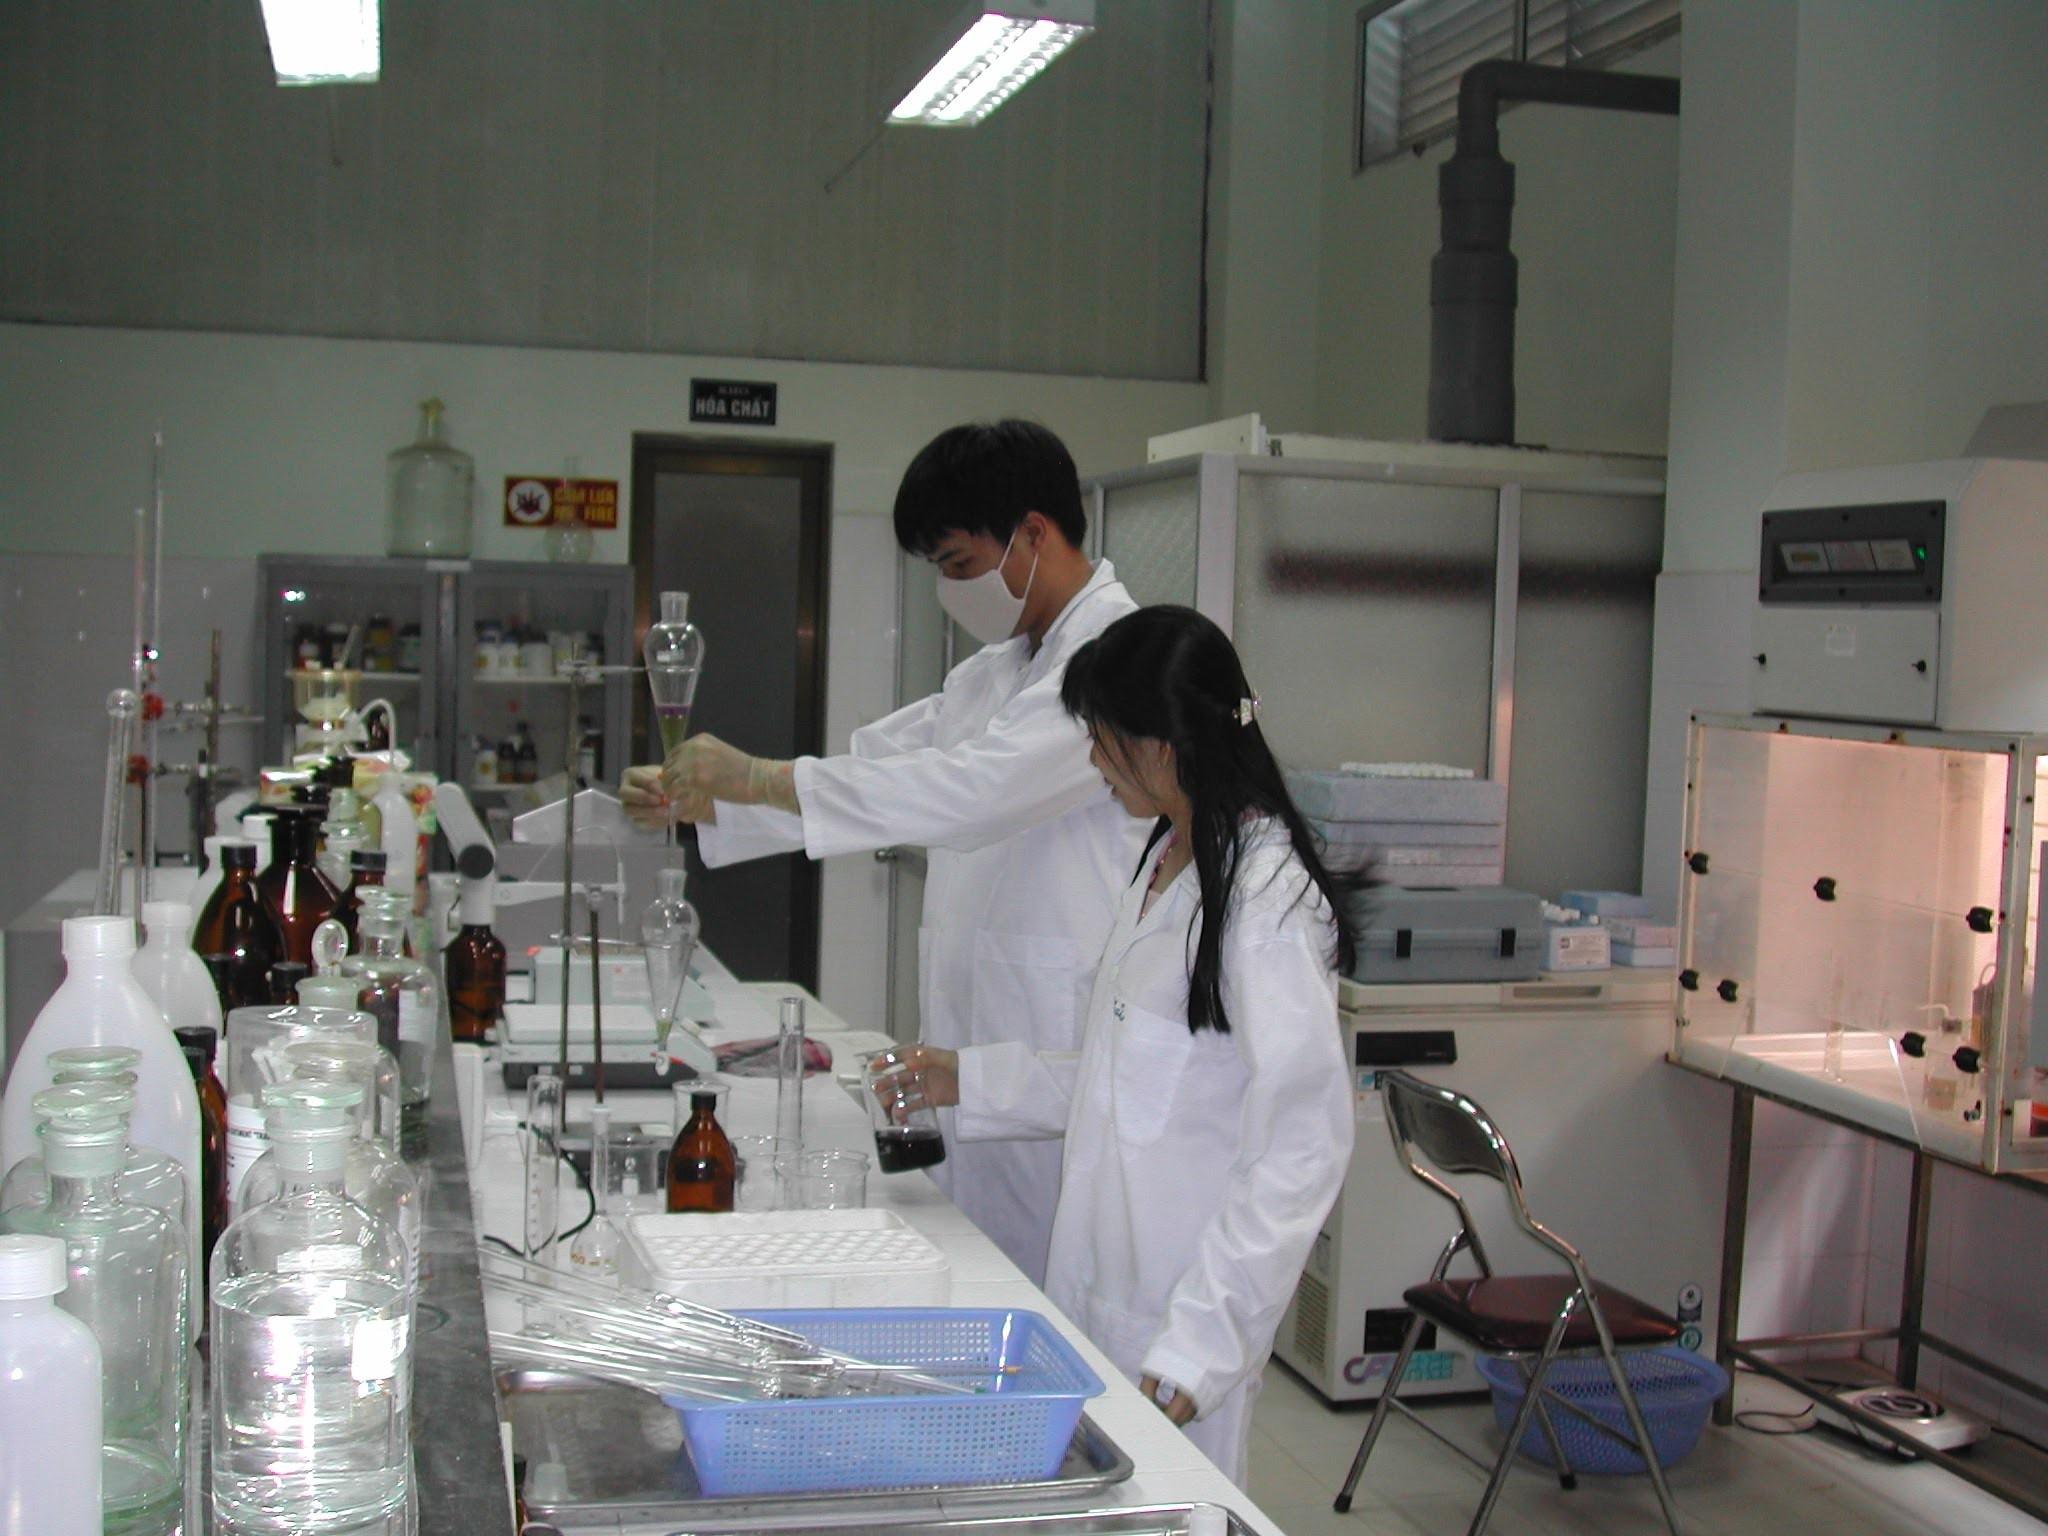 Methyl ethyl ketone trong phòng thí nghiệm